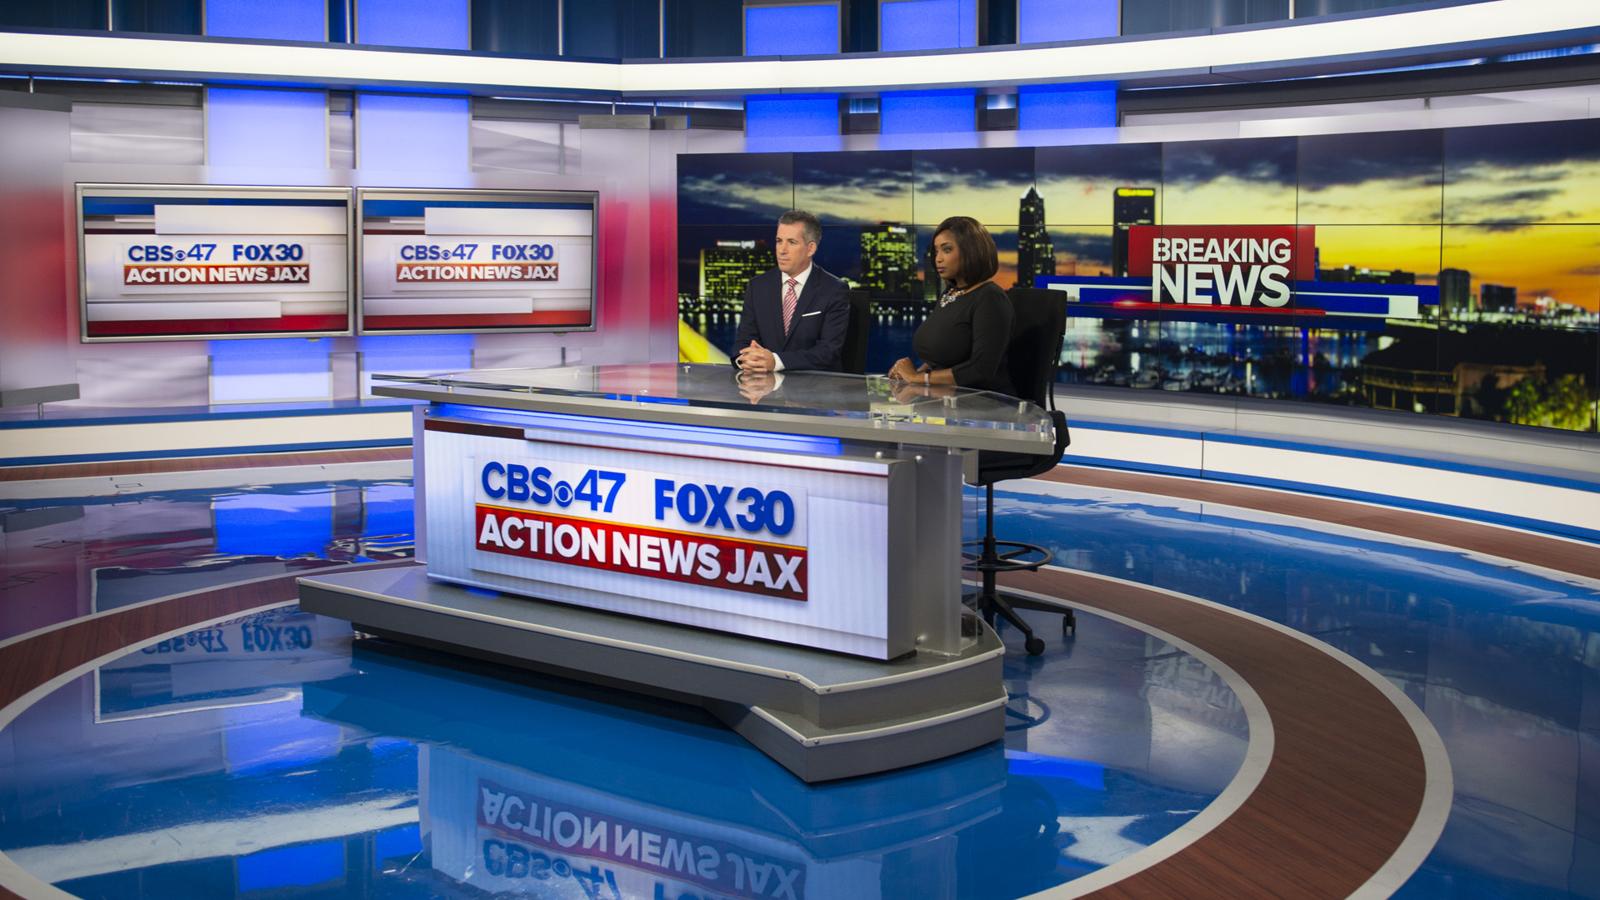 ncs_action-news-jax-tv-studio-wjax_0003